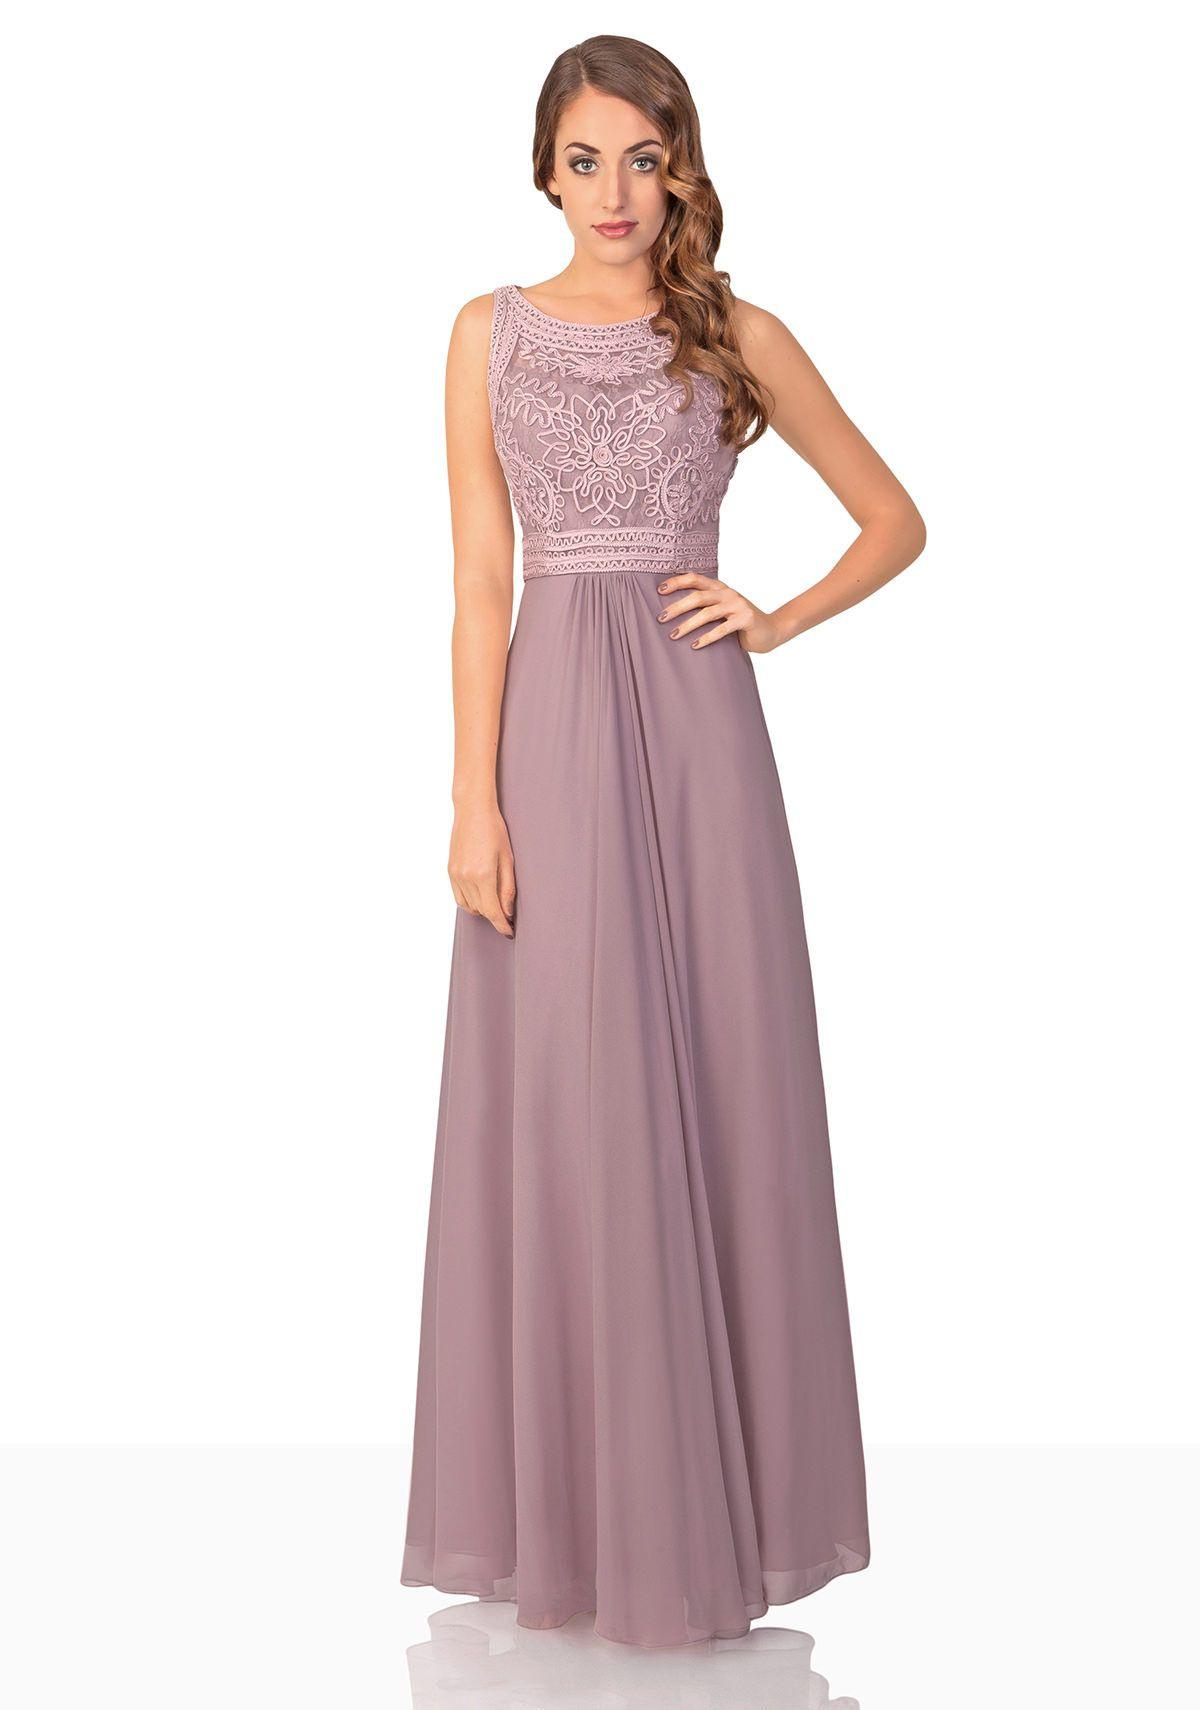 Abend Spektakulär Abend Kleid Kaufen Design20 Erstaunlich Abend Kleid Kaufen Galerie